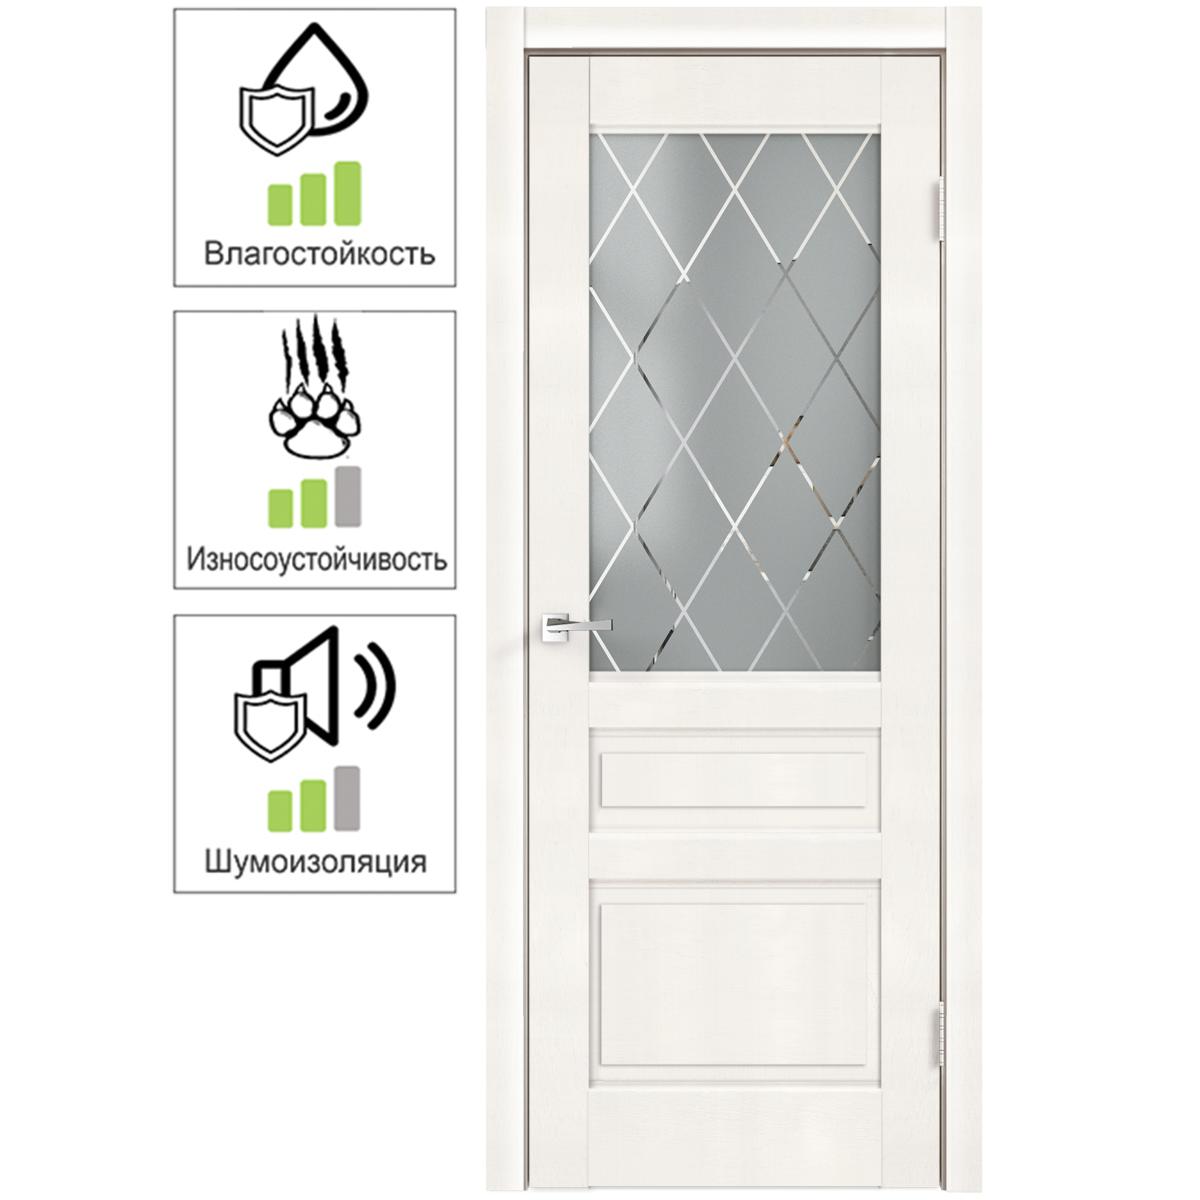 Дверь межкомнатная остеклённая «Летиция» 70x200 см ПВХ цвет дуб пломбир с фурнитурой